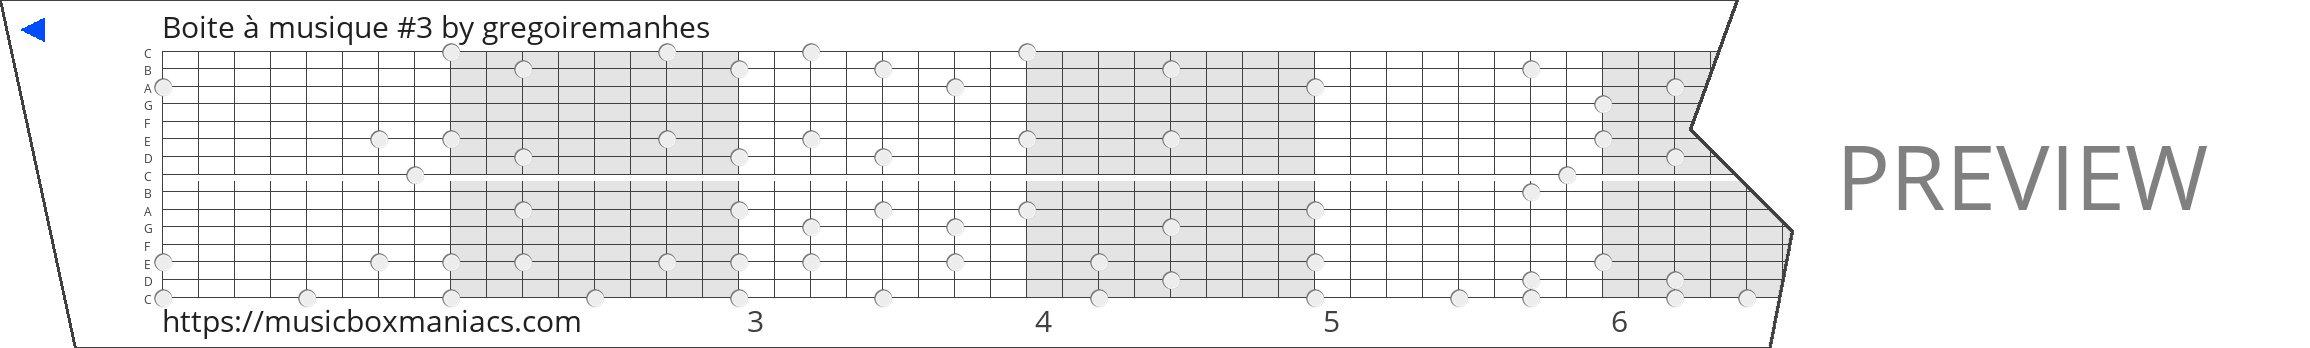 Boite à musique #3 15 note music box paper strip